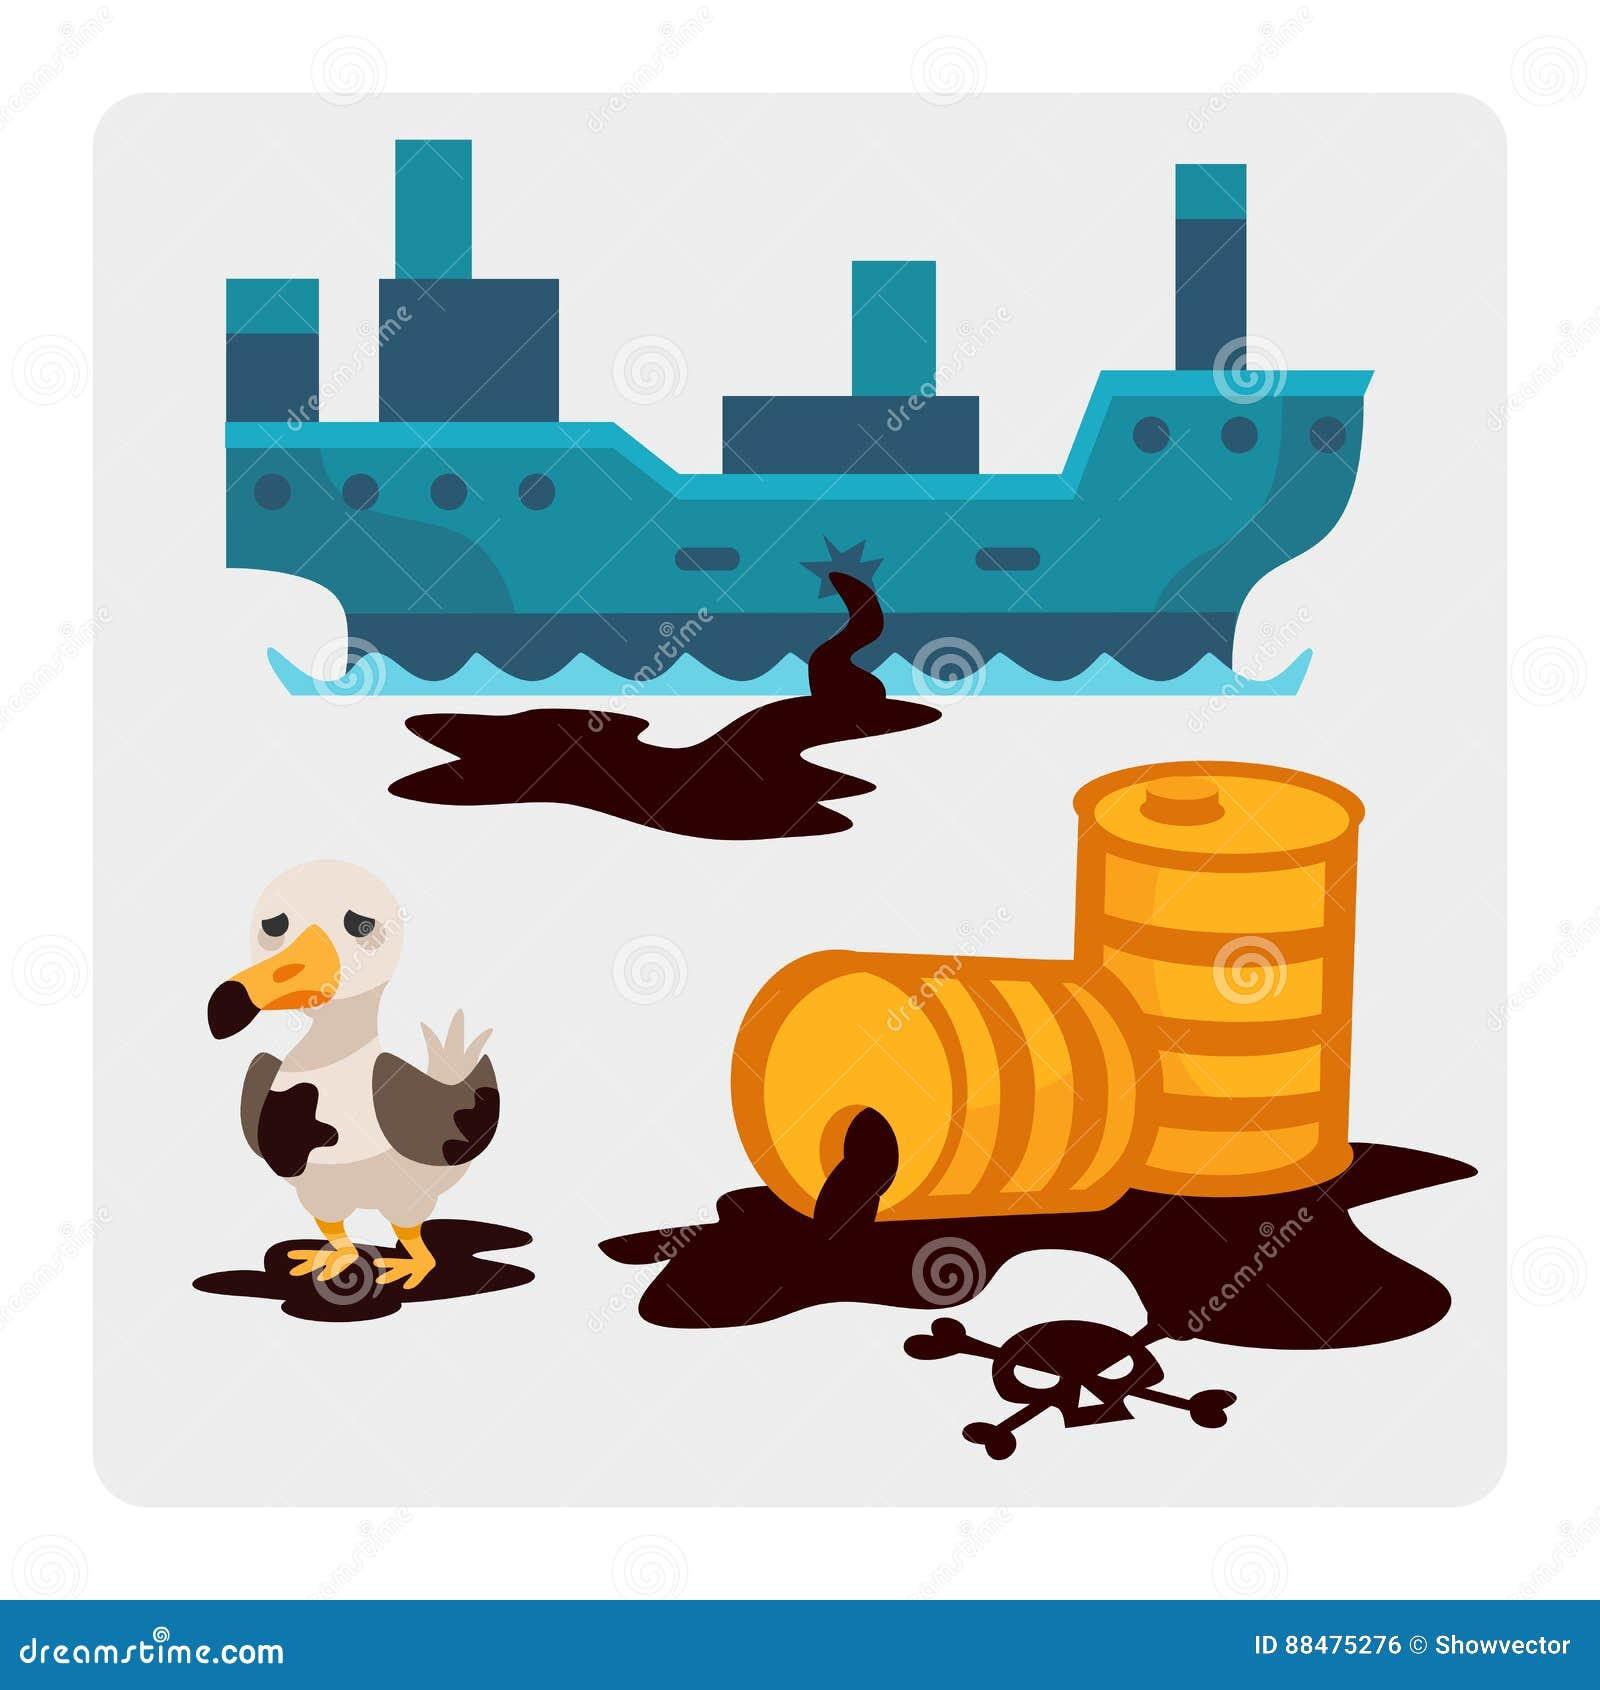 生态水地球空气动物的砍伐森林破坏的问题环境油污染碾碎工厂